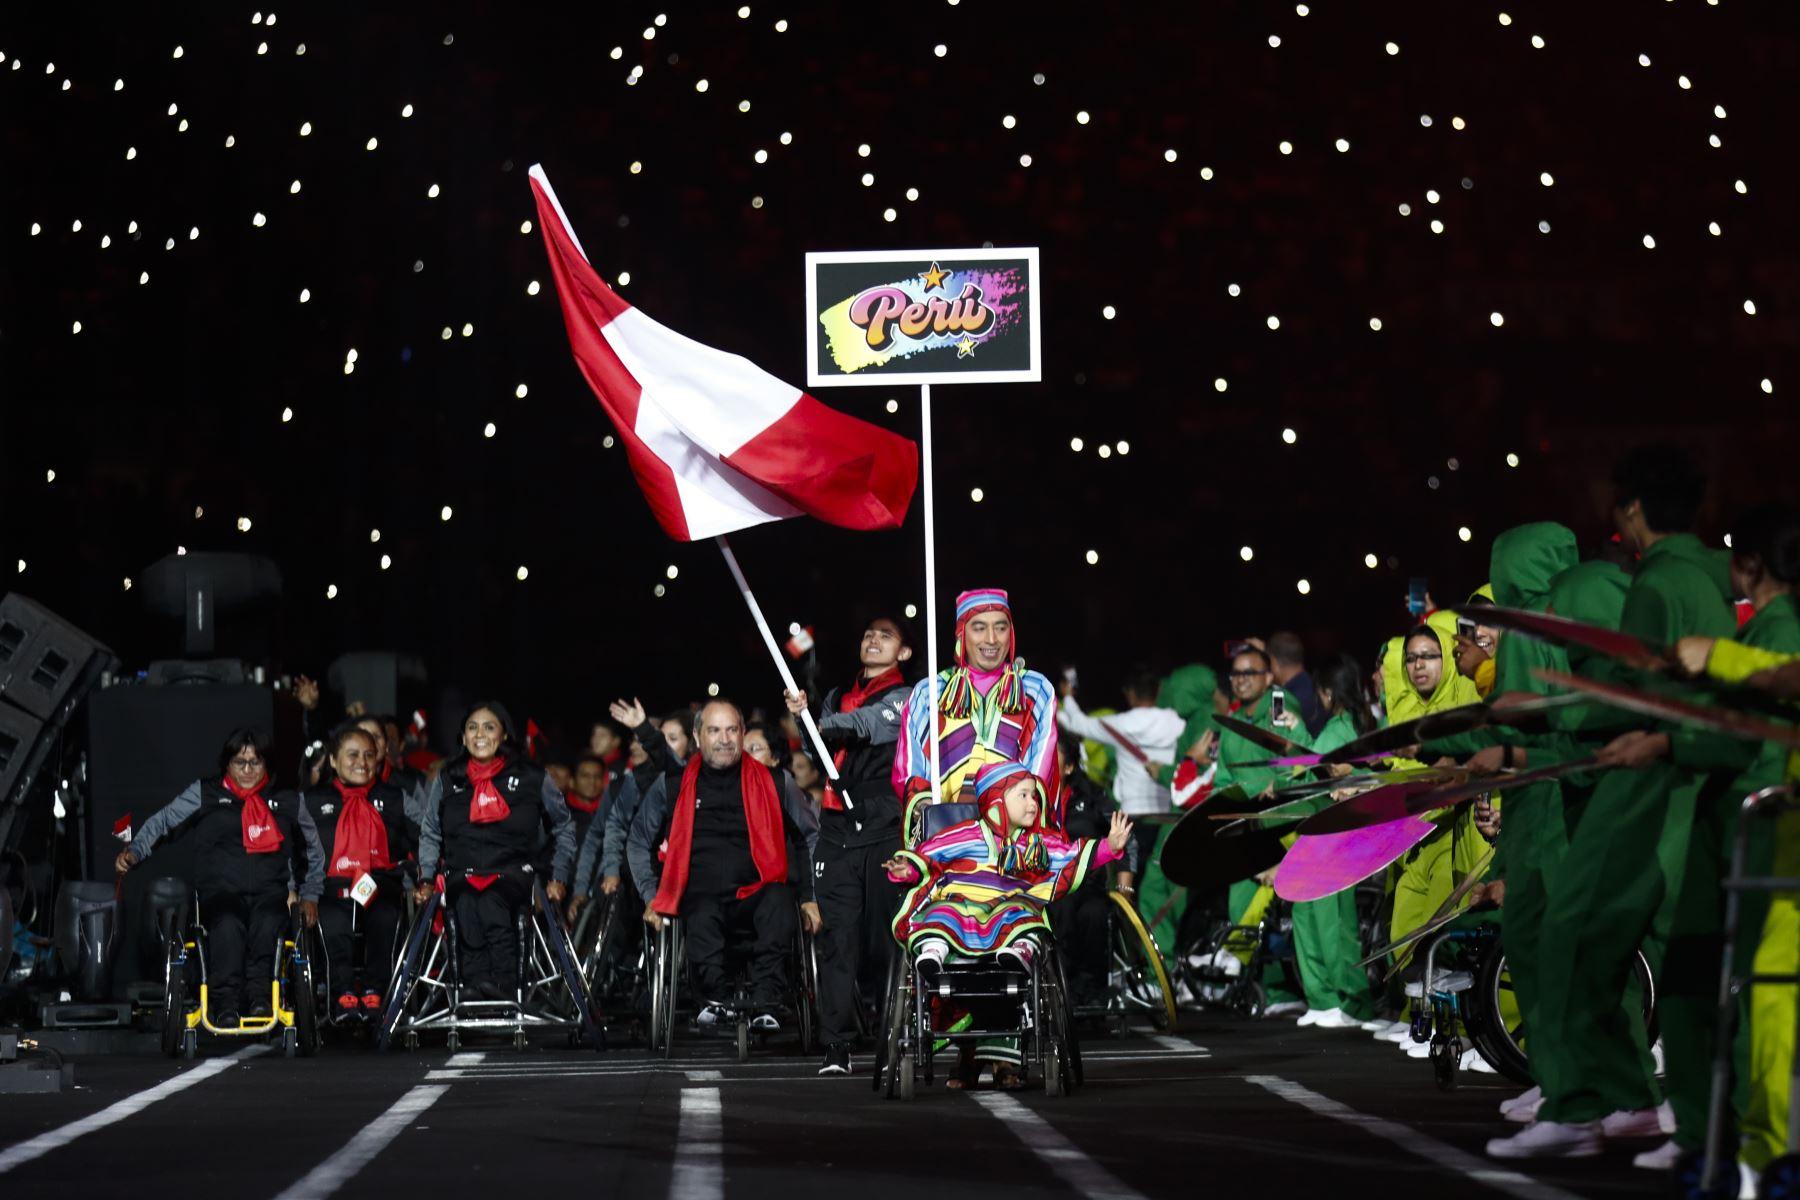 Ceremonia de  inauguración de los Juegos Parapanamericanos Lima 2019, en el estadio nacional.Foto: ANDINA/ LIMA 2019